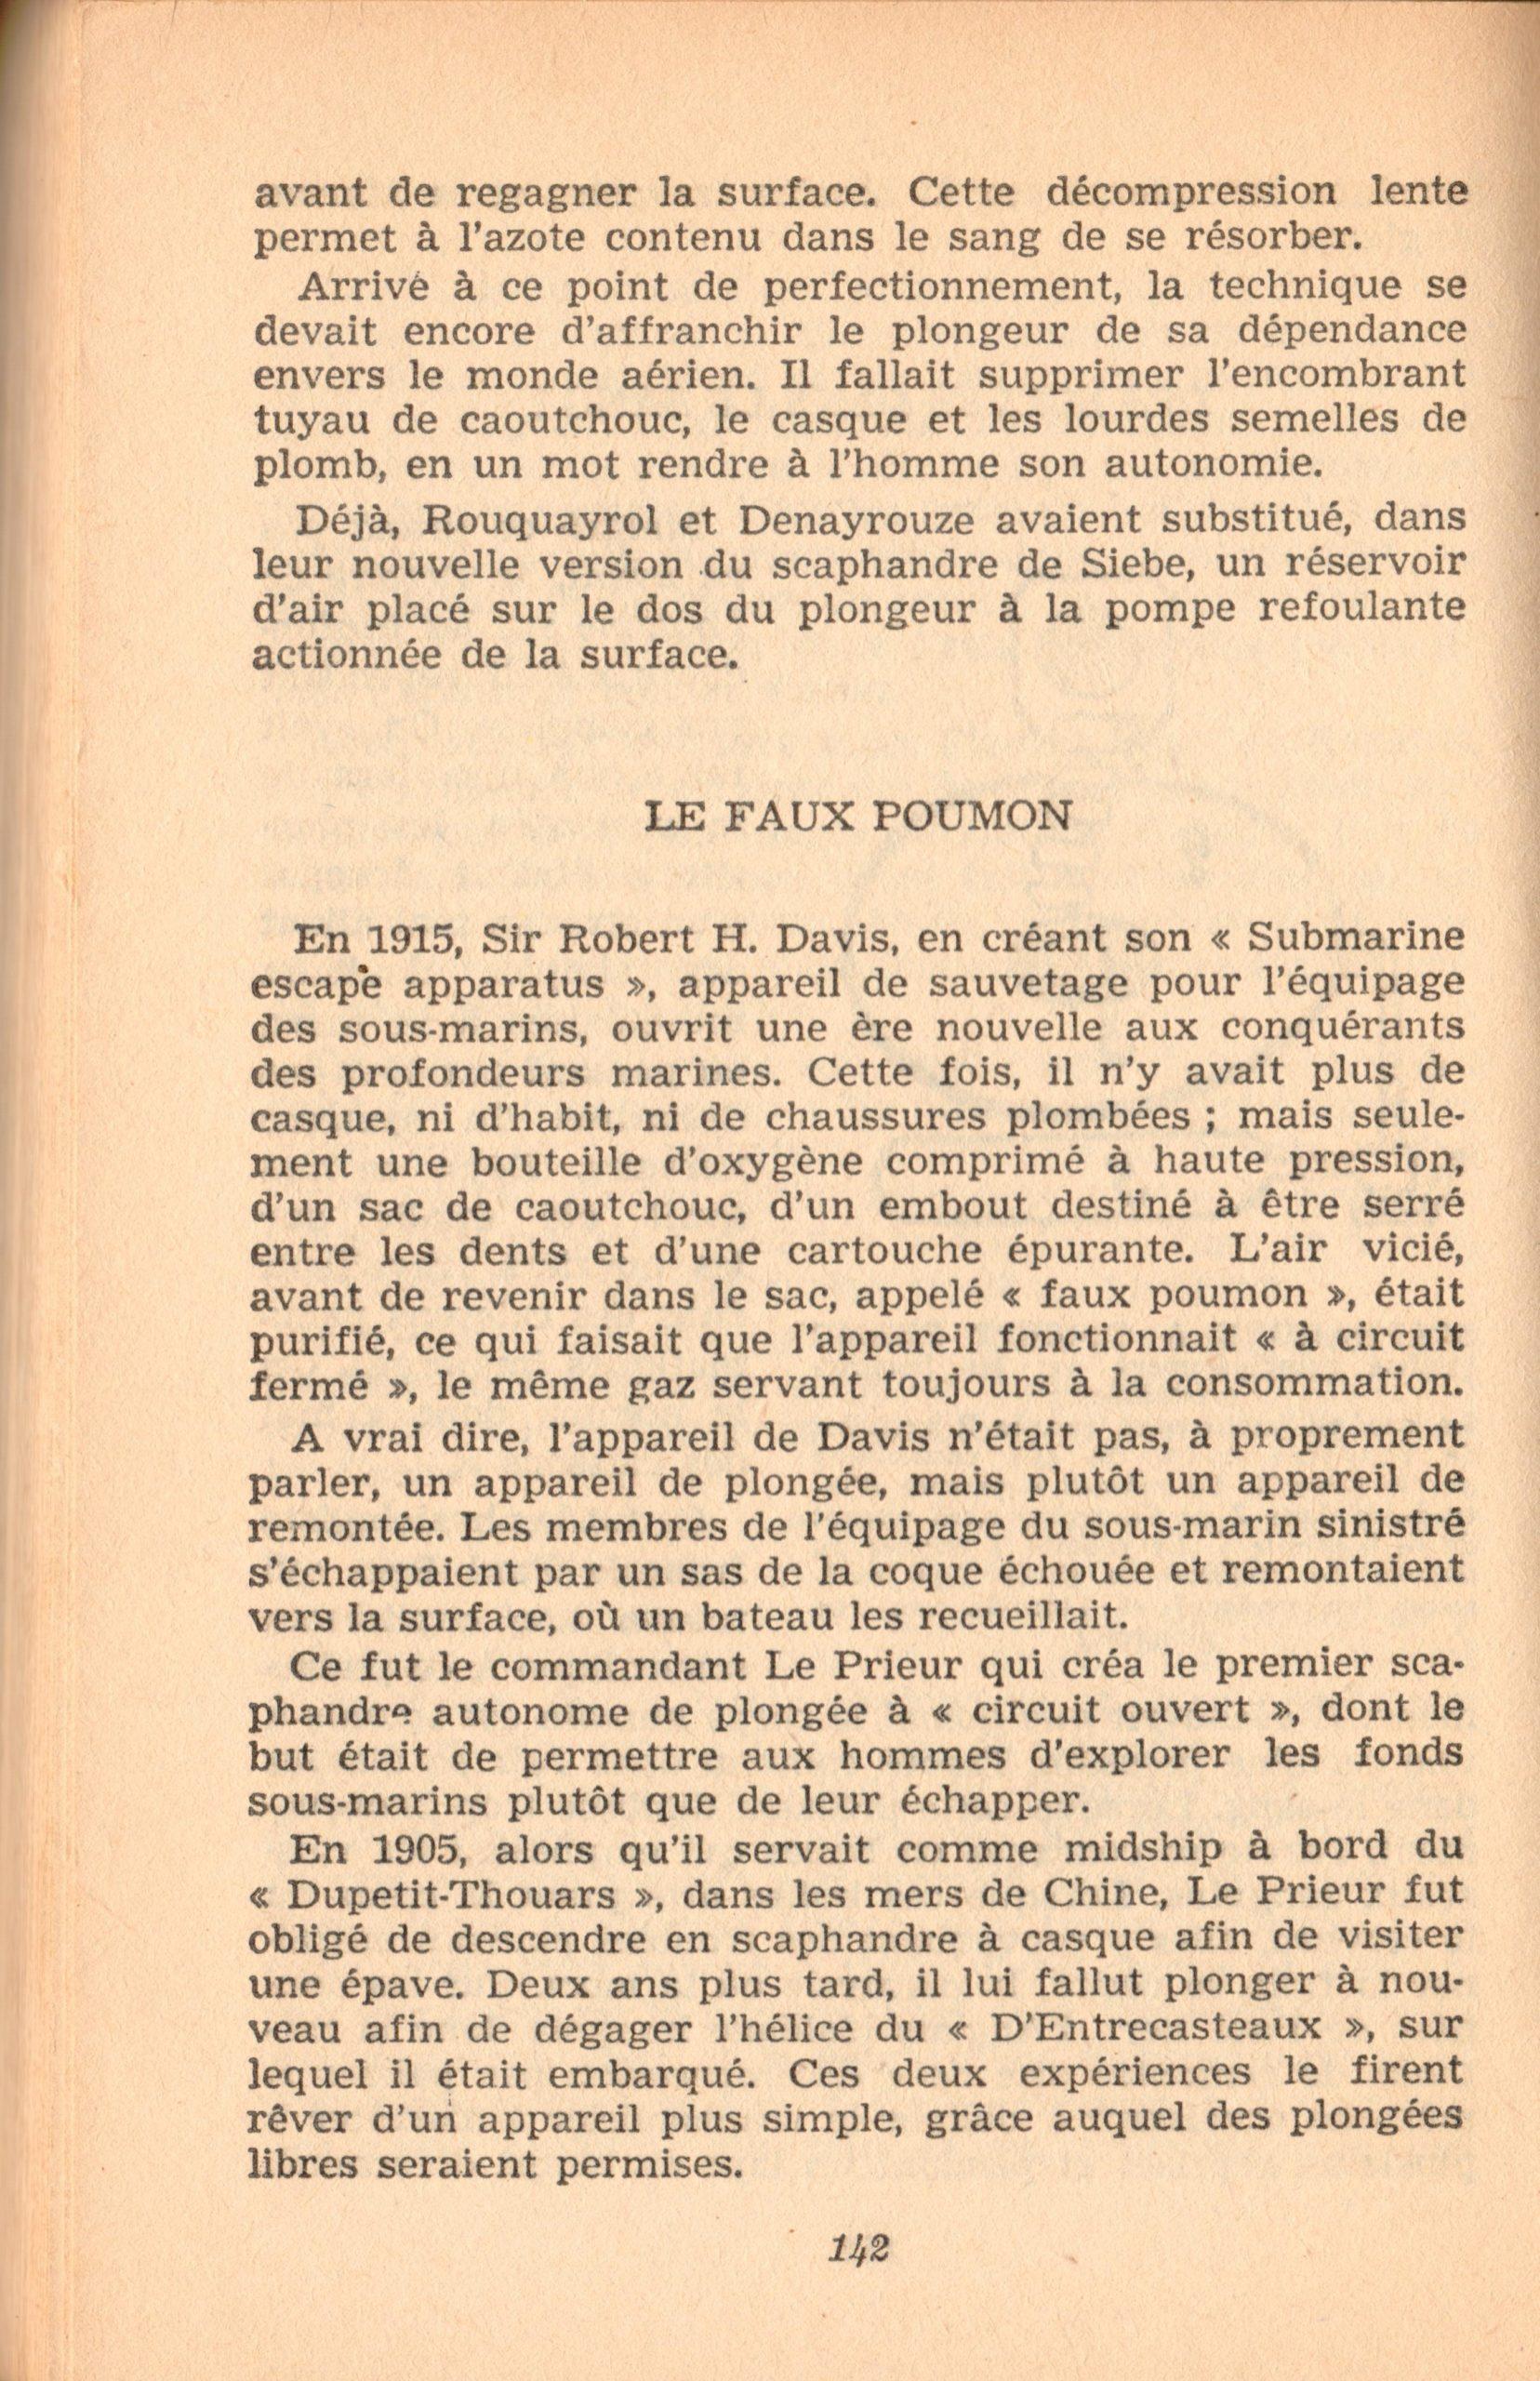 p142, La conquête des fonds sous-marins, marabout chercheur